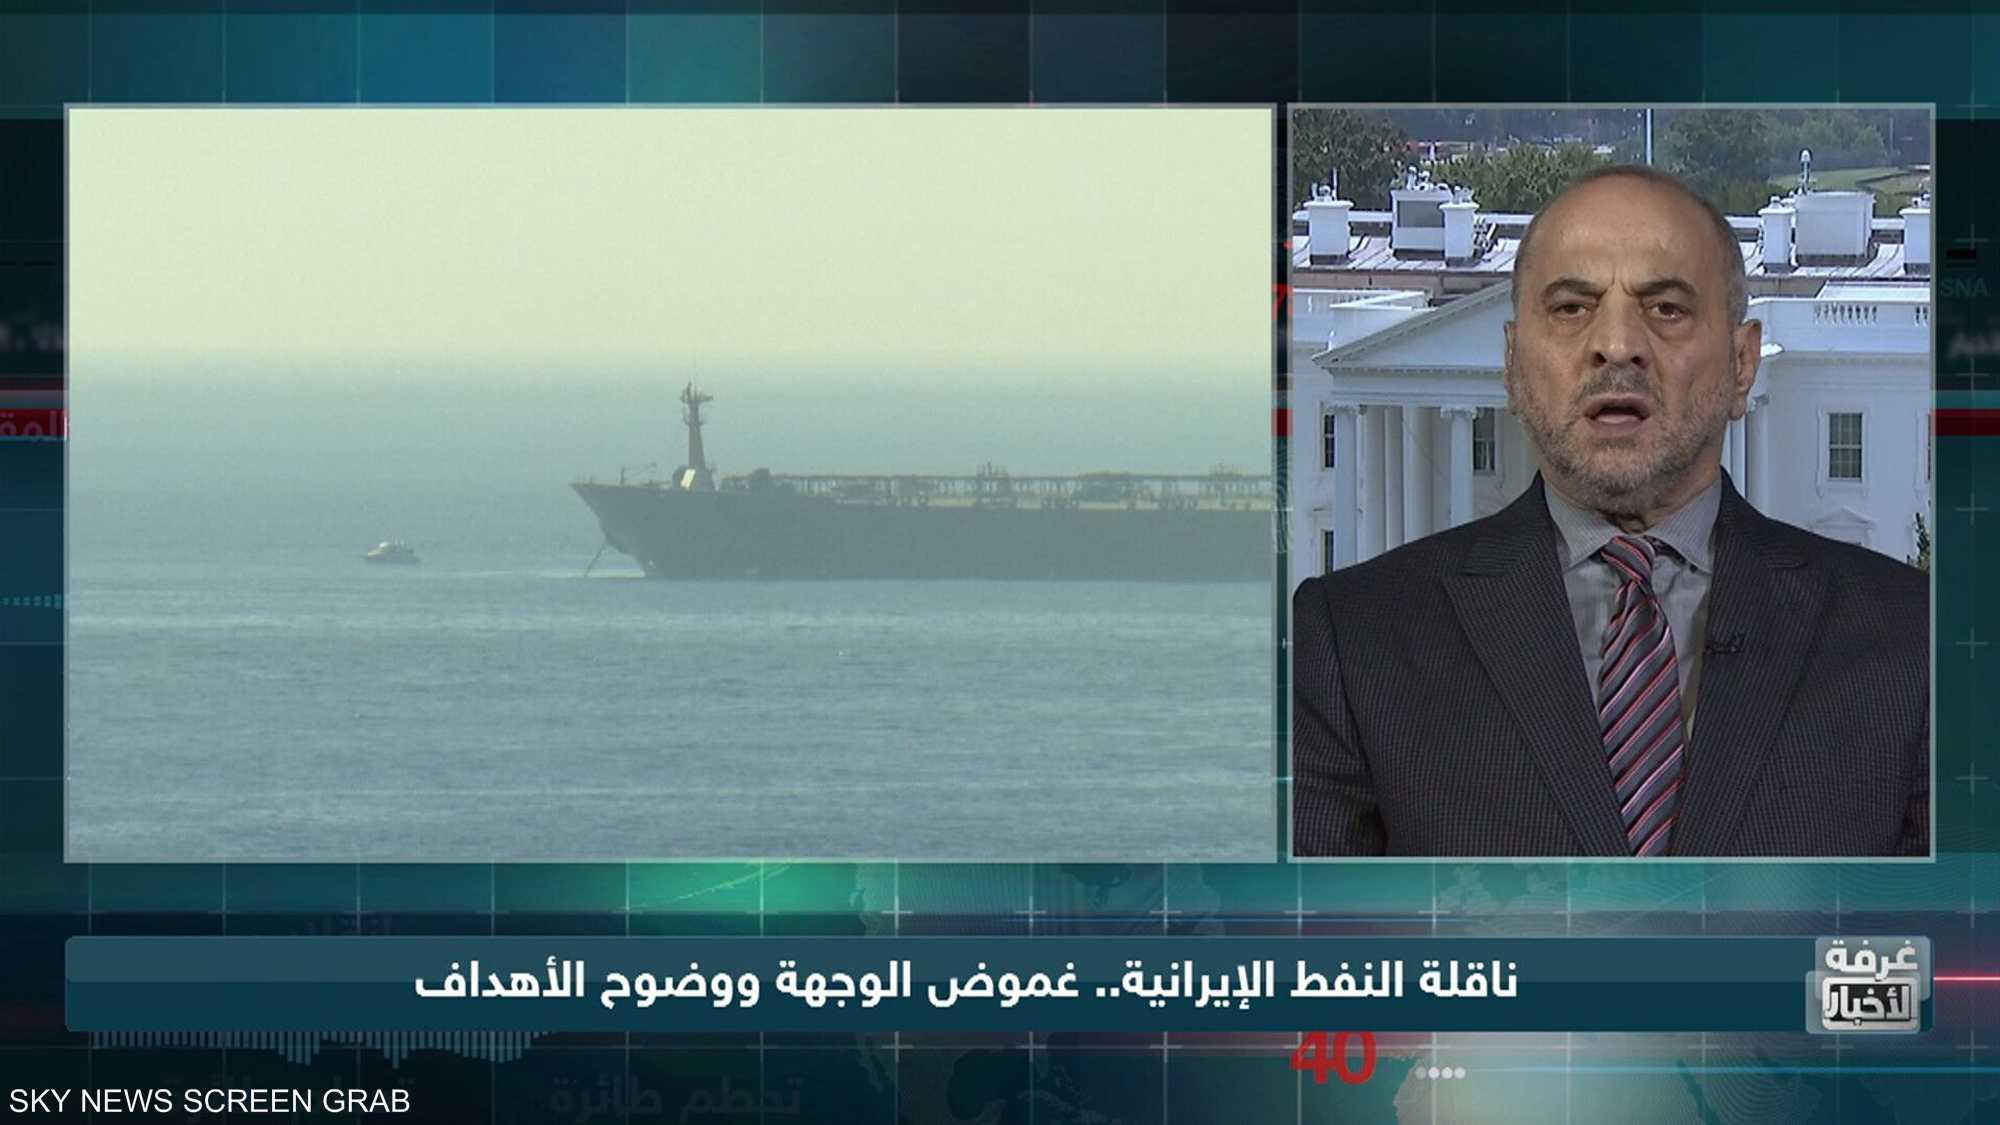 ناقلة النفط الإيرانية.. غموض الوجهة ووضوح الأهداف